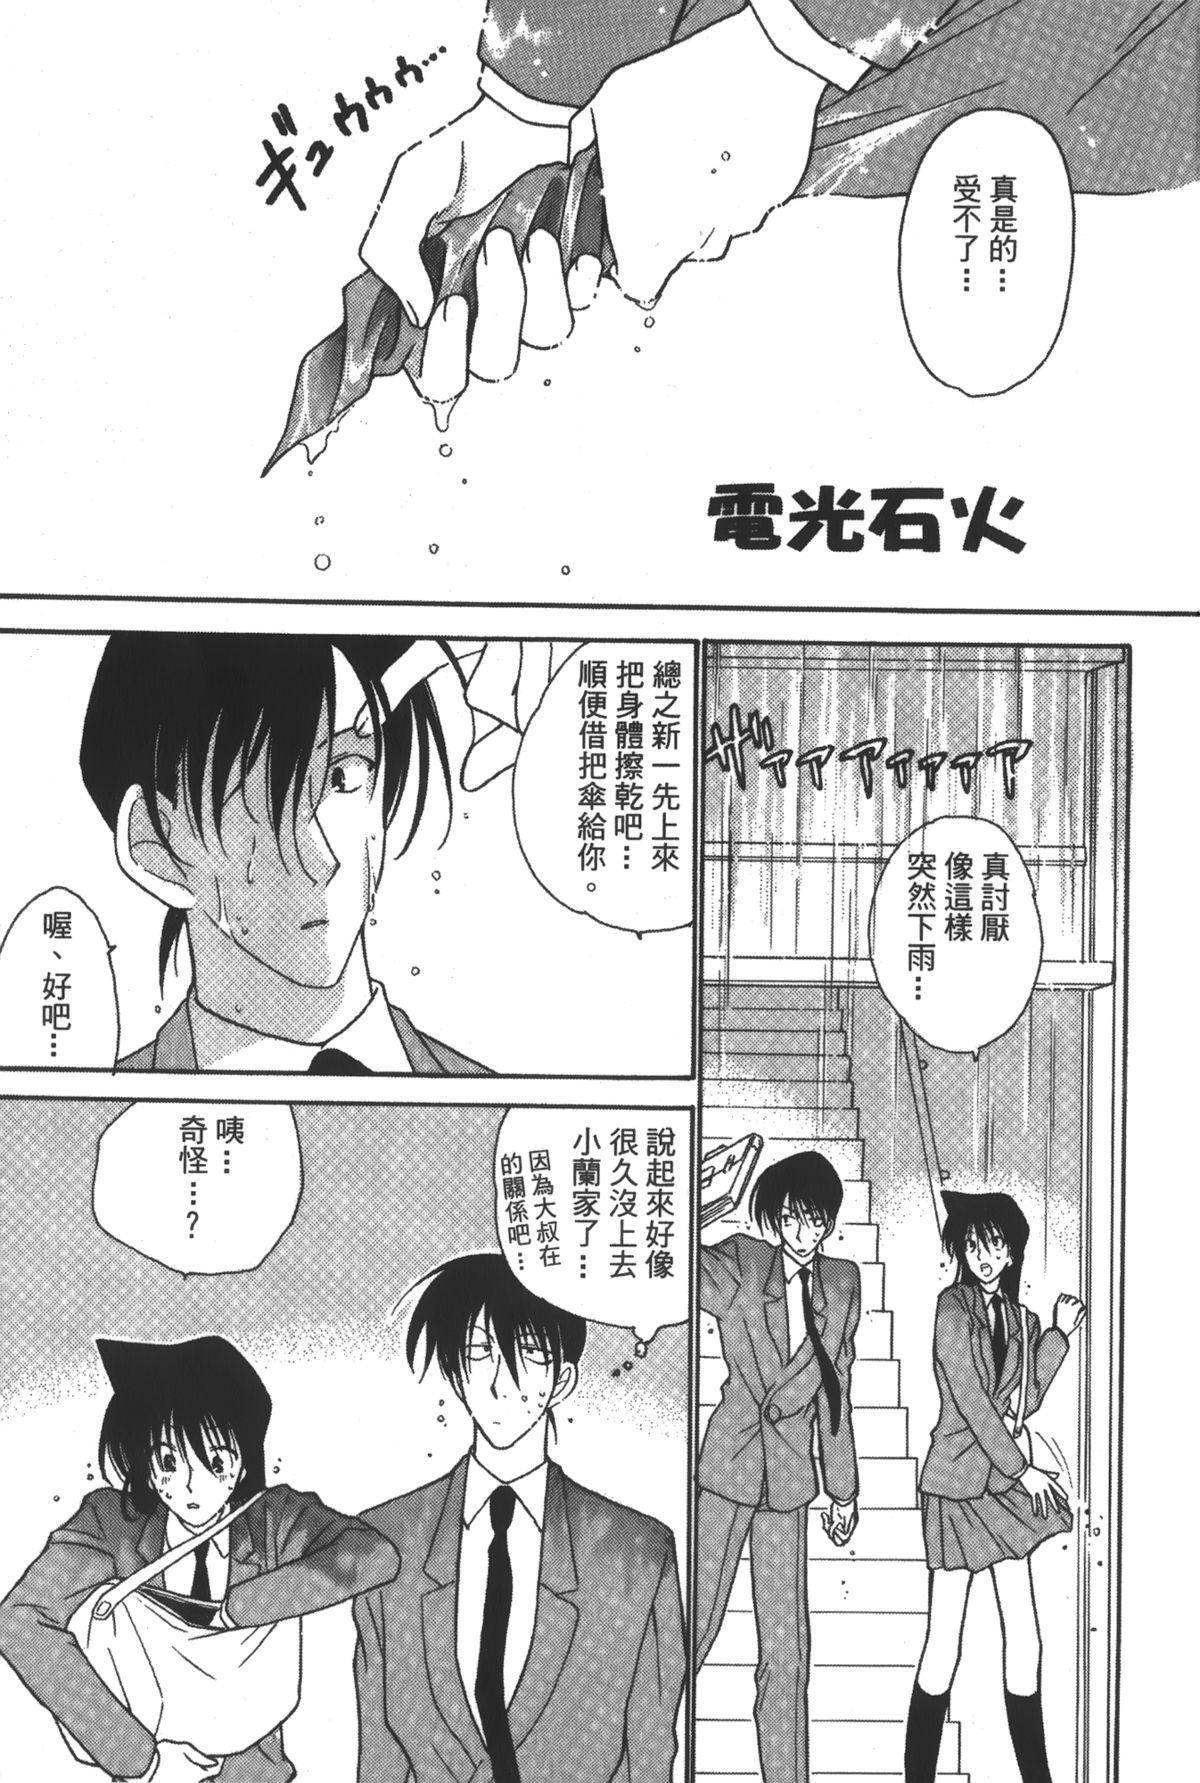 Detective Assistant Vol. 14 1